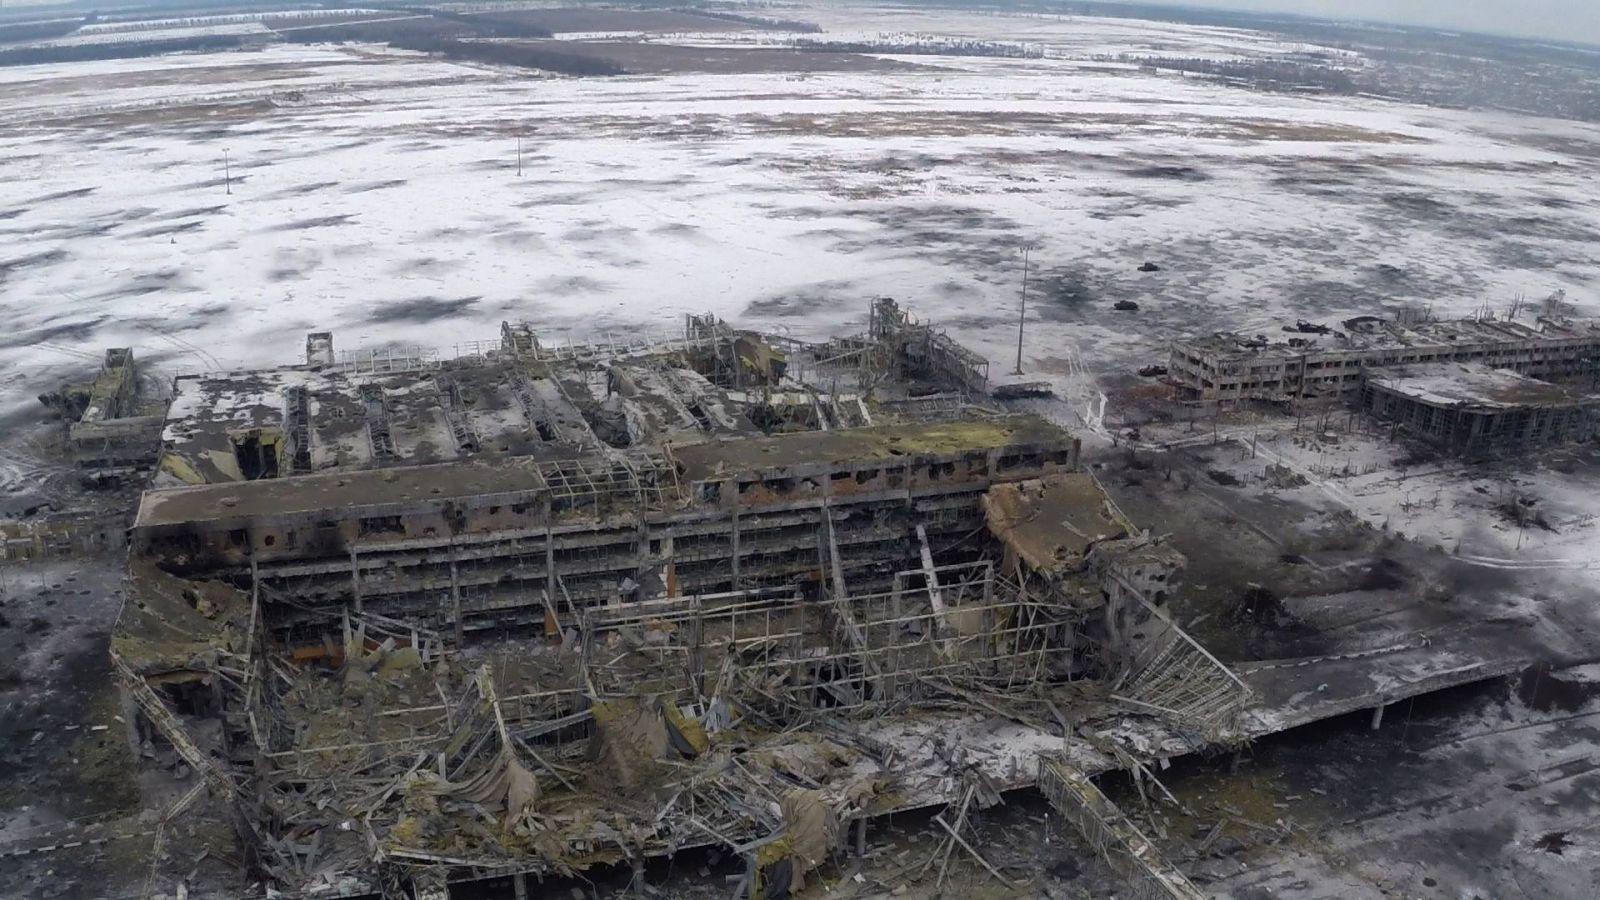 ФОТО: Боевики ДНР подорвали перекрытие в аэропорту Донецк